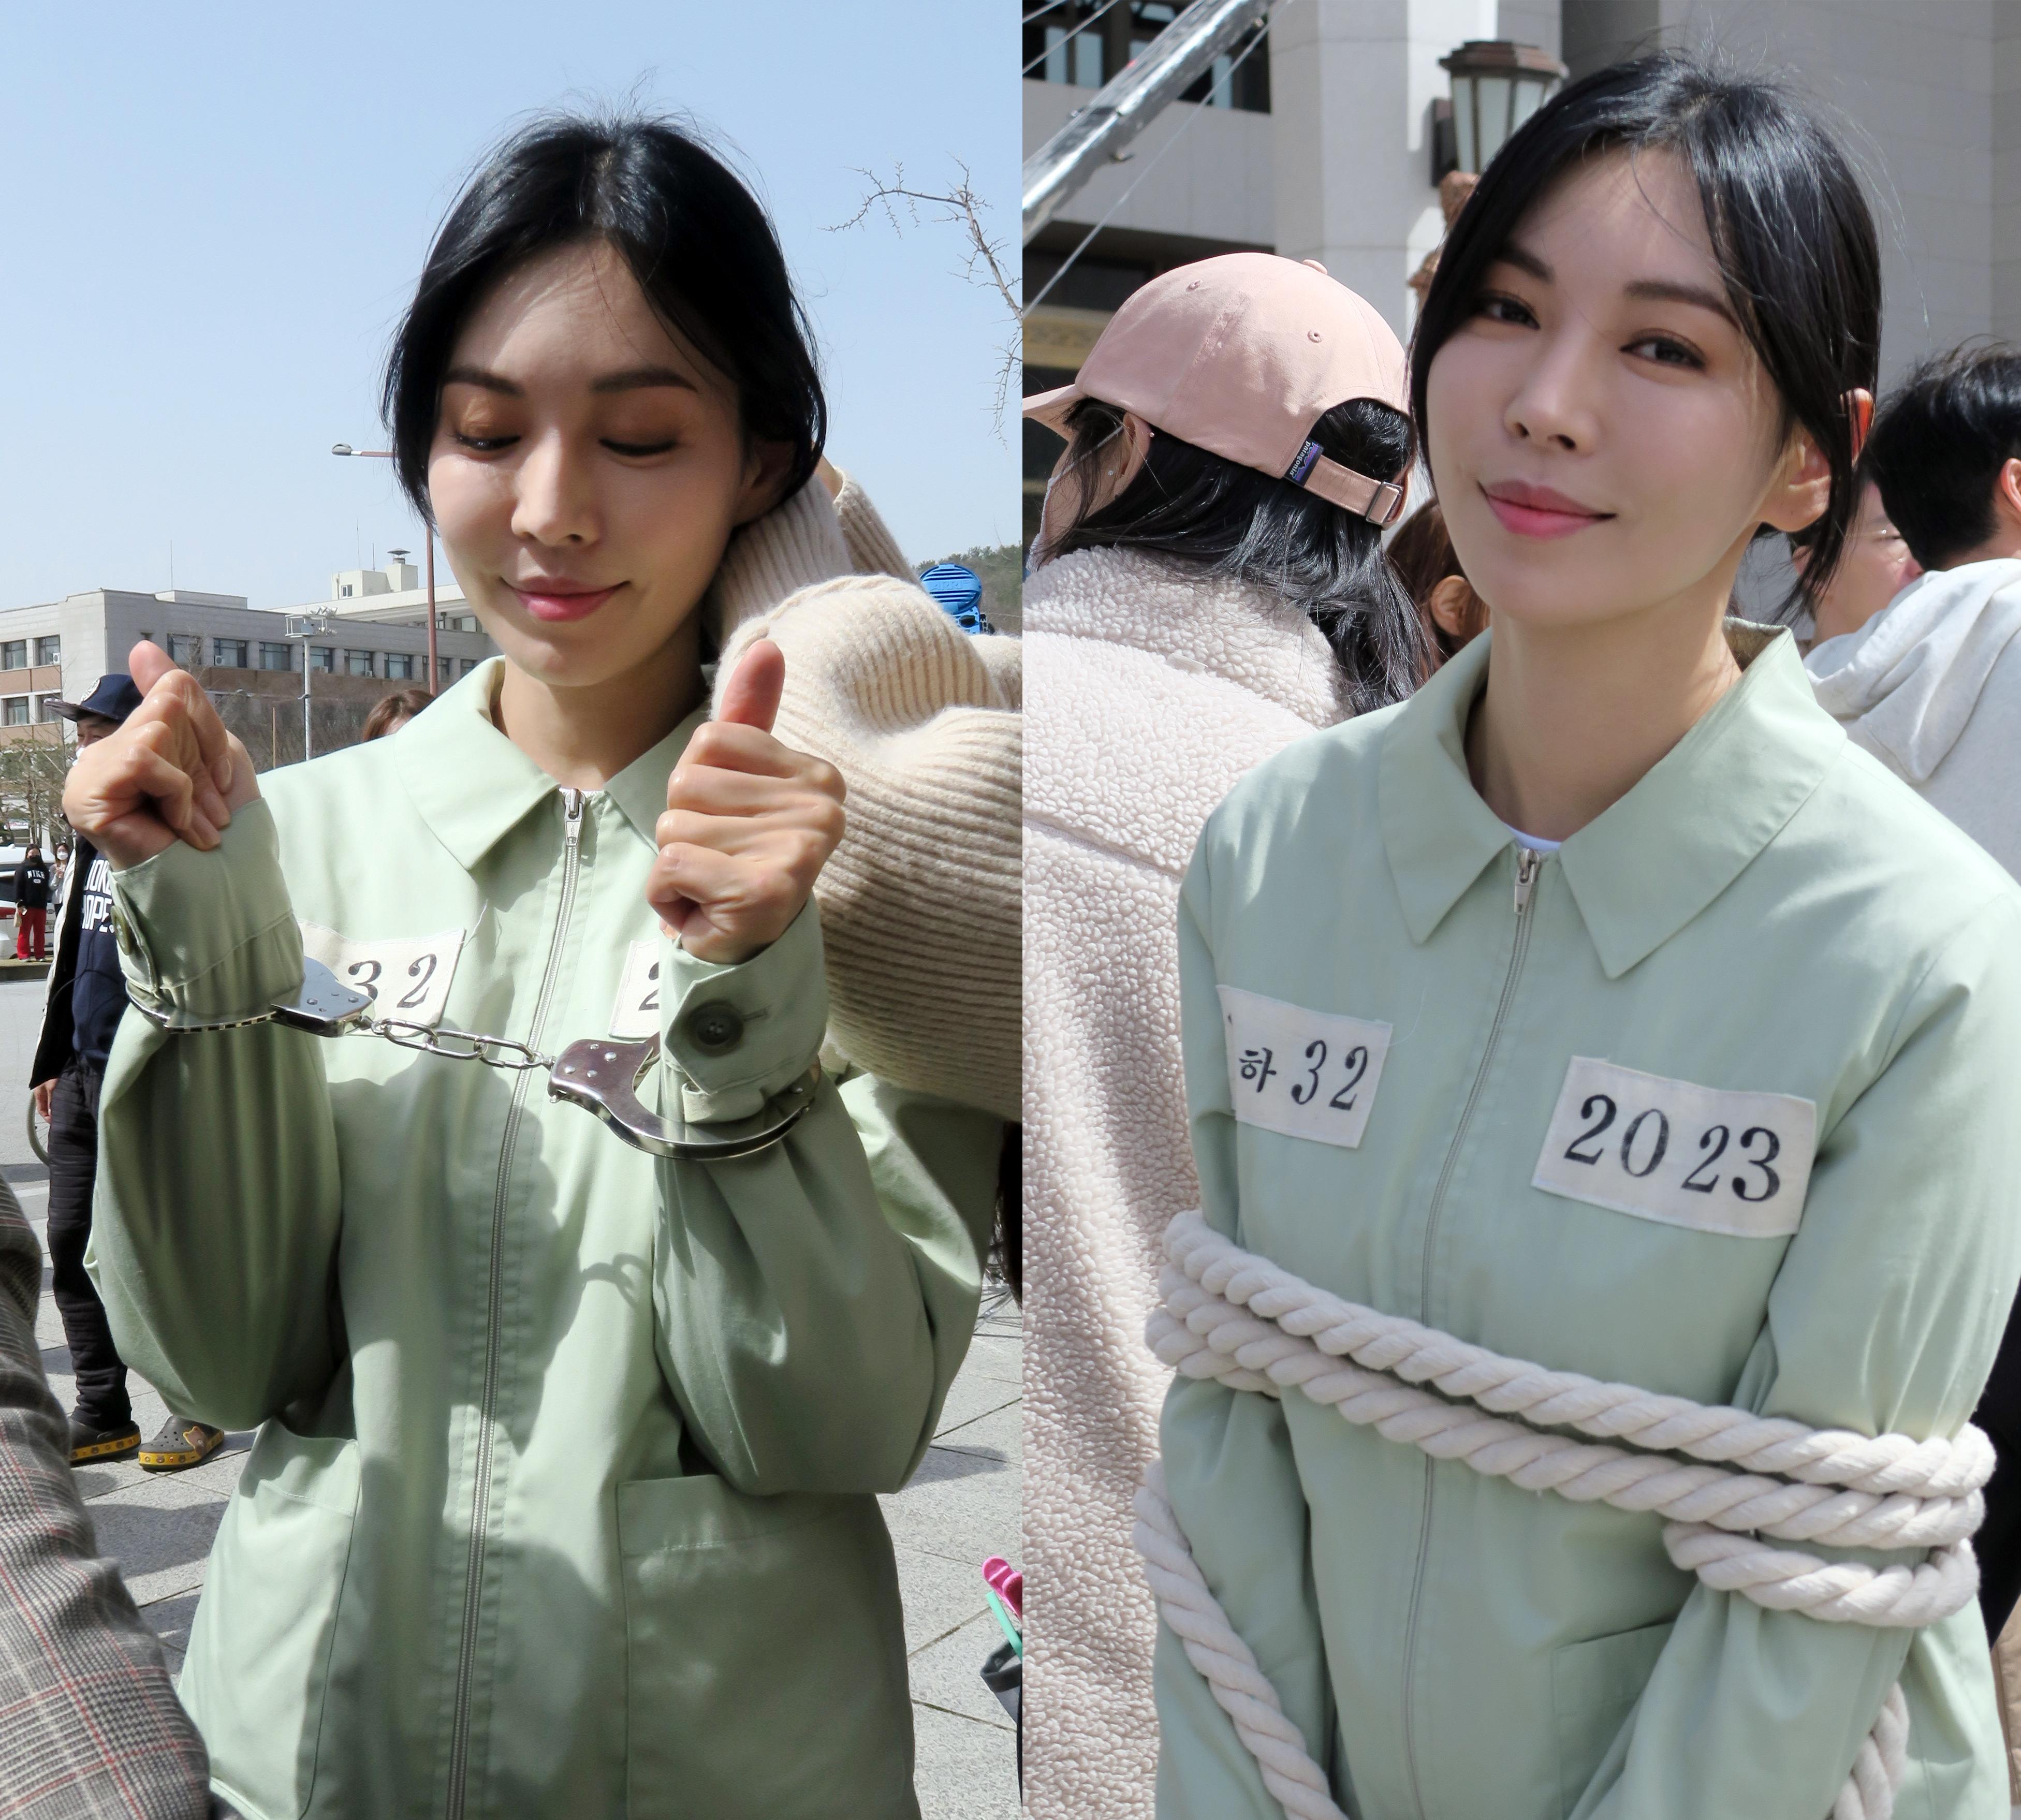 '펜트하우스2' 김소연, '펜트하우스3' 천서진 기대UP 스틸